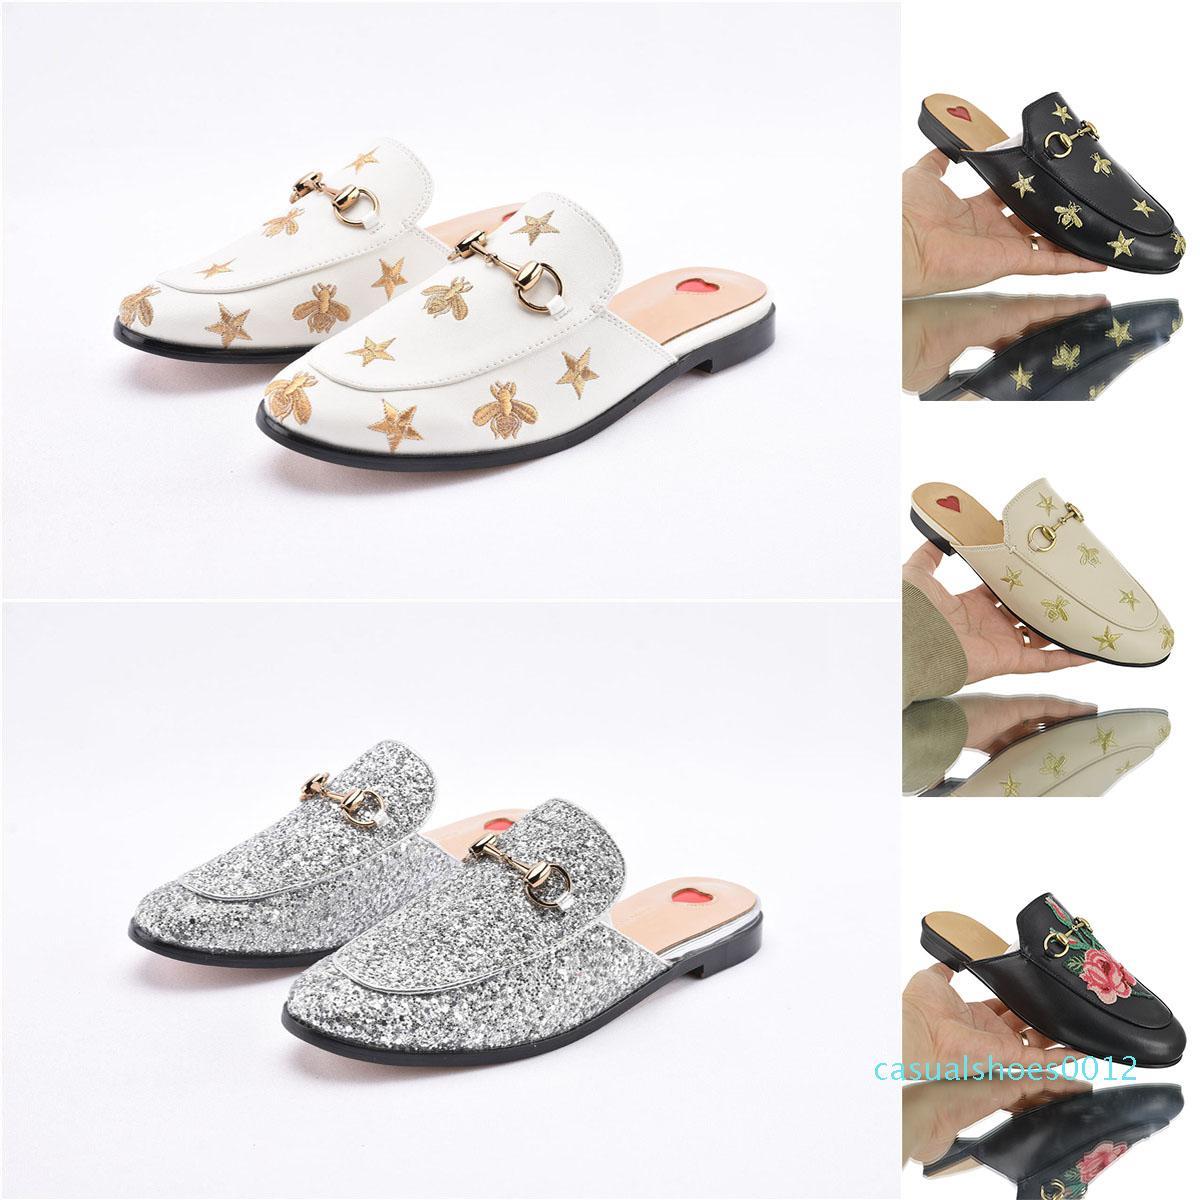 Toka Moda kadınlarla Tasarımcı lüks hakiki deri makosenler Kürk Muller terlik princetown Bayanlar Casual Katır Flats Ücretsiz nakliye c12